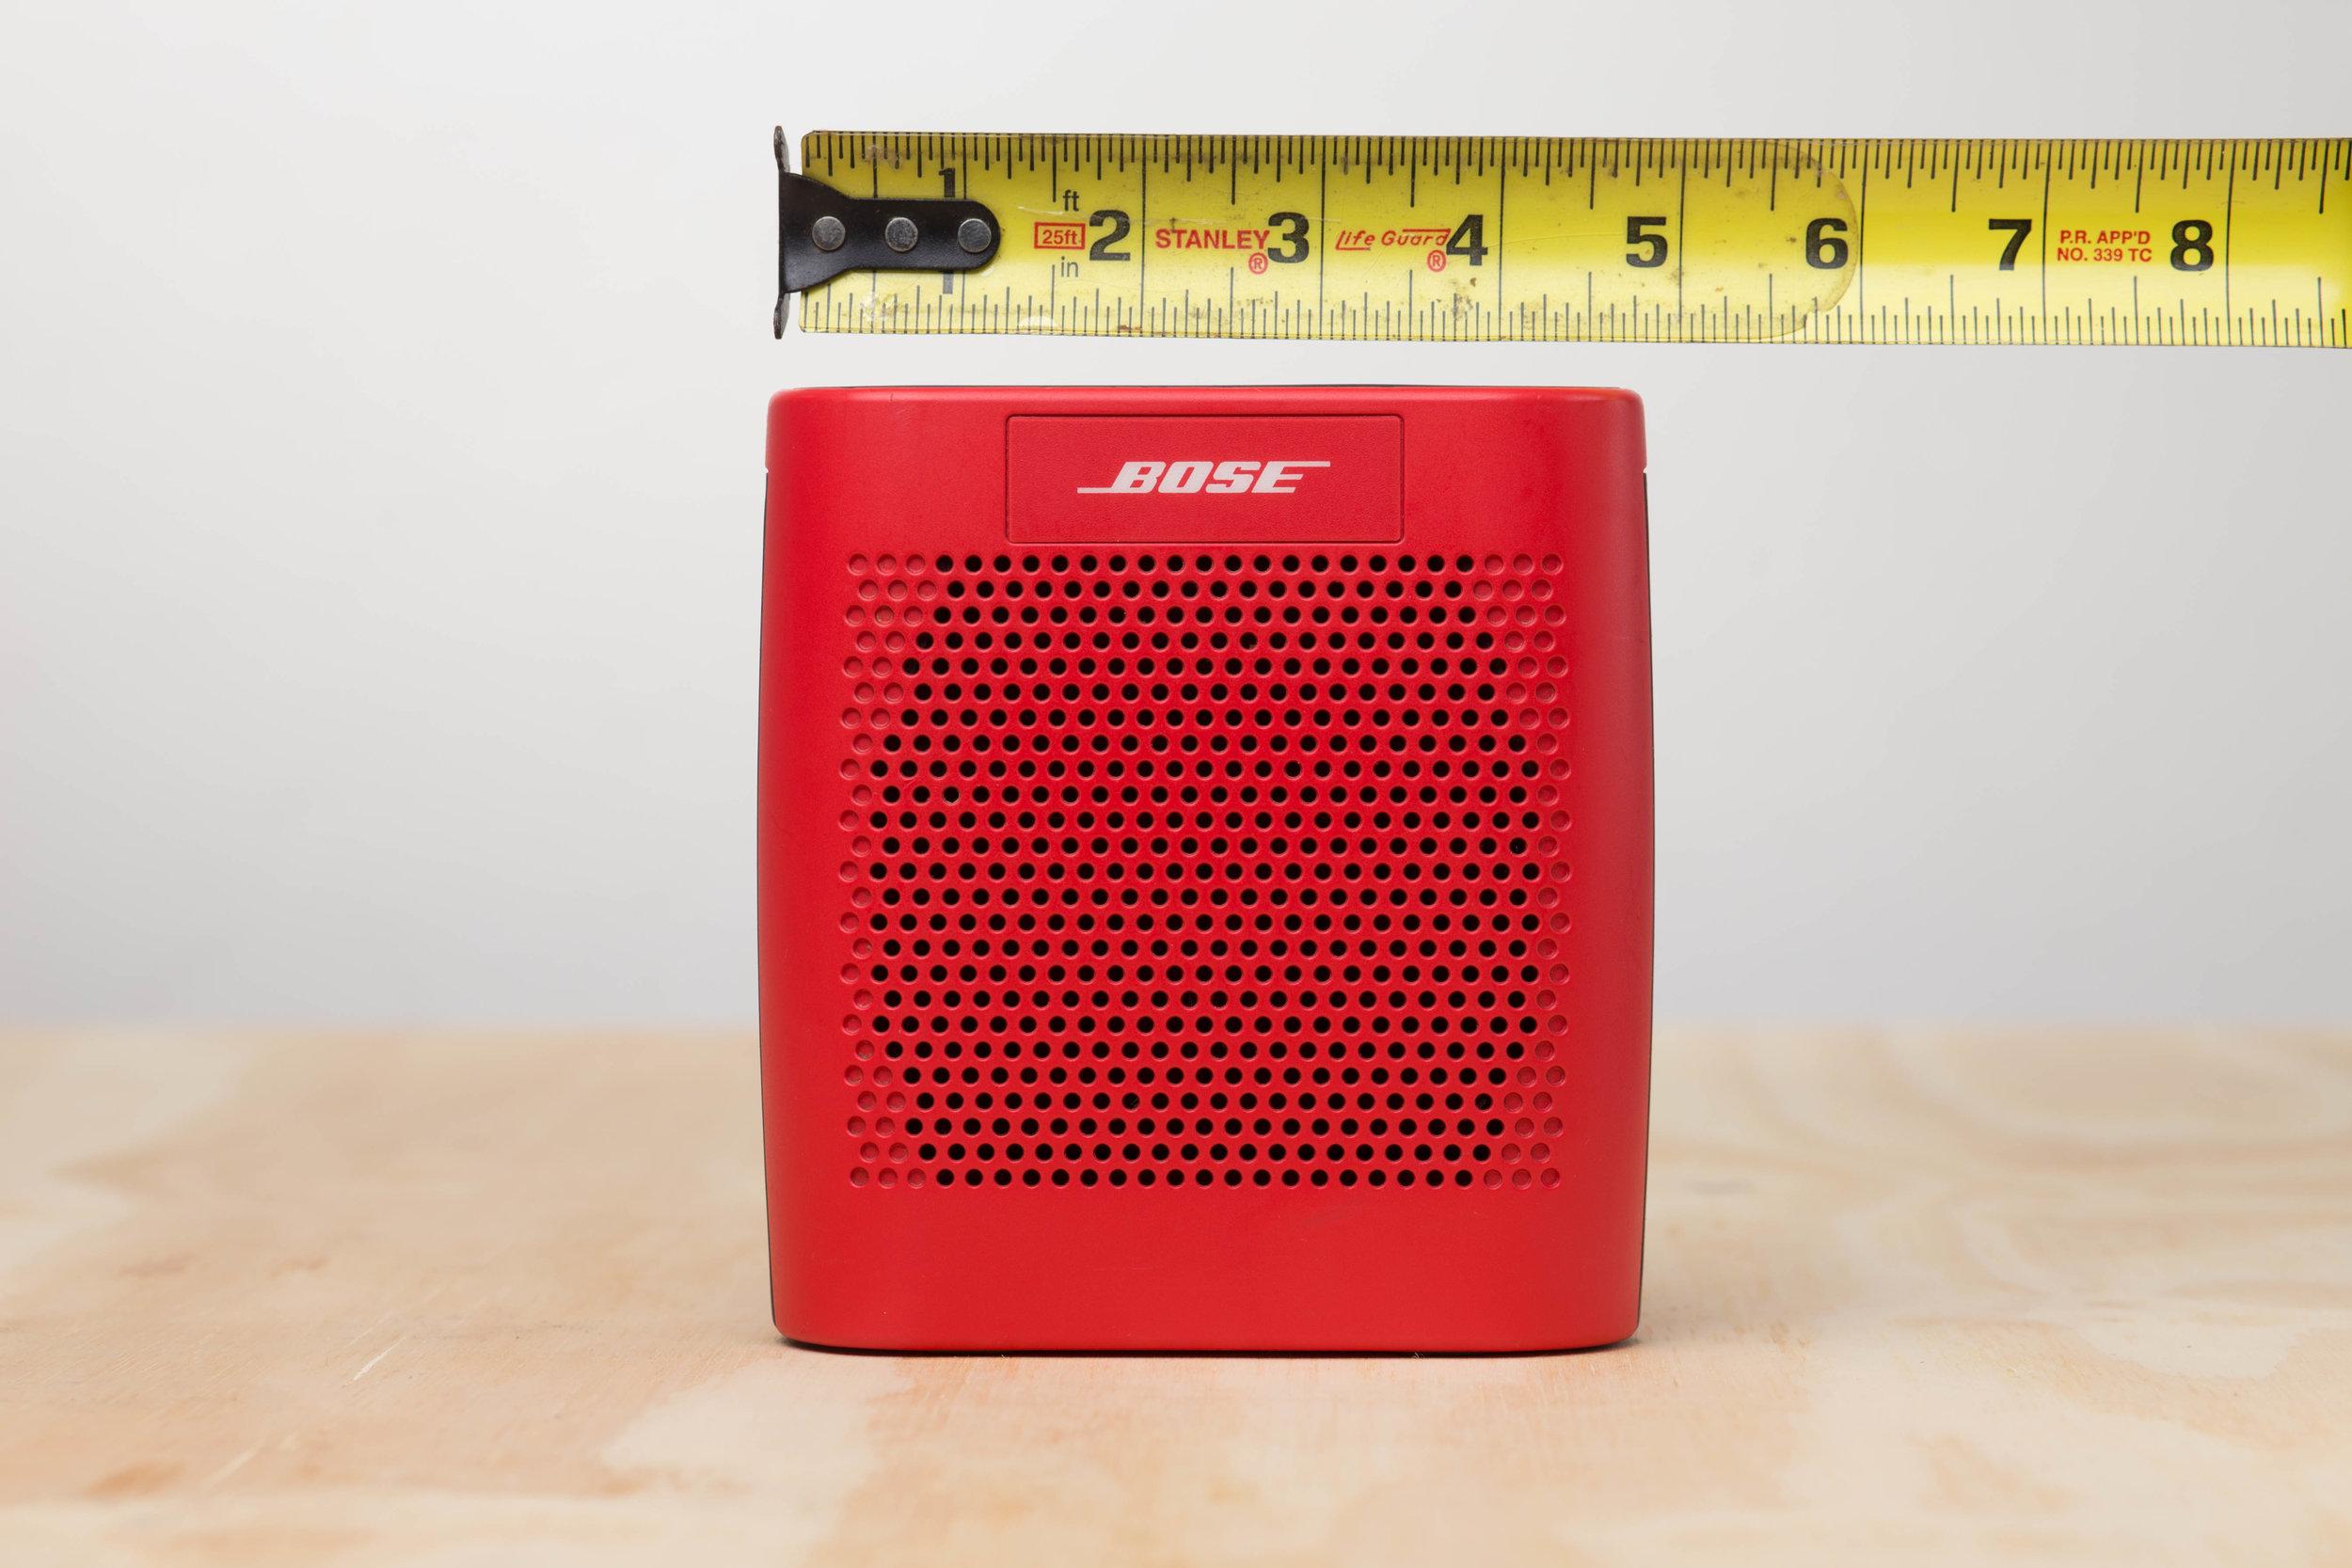 Bose SoundLink Color Bluetooth SpeakerIMG_9891.jpg